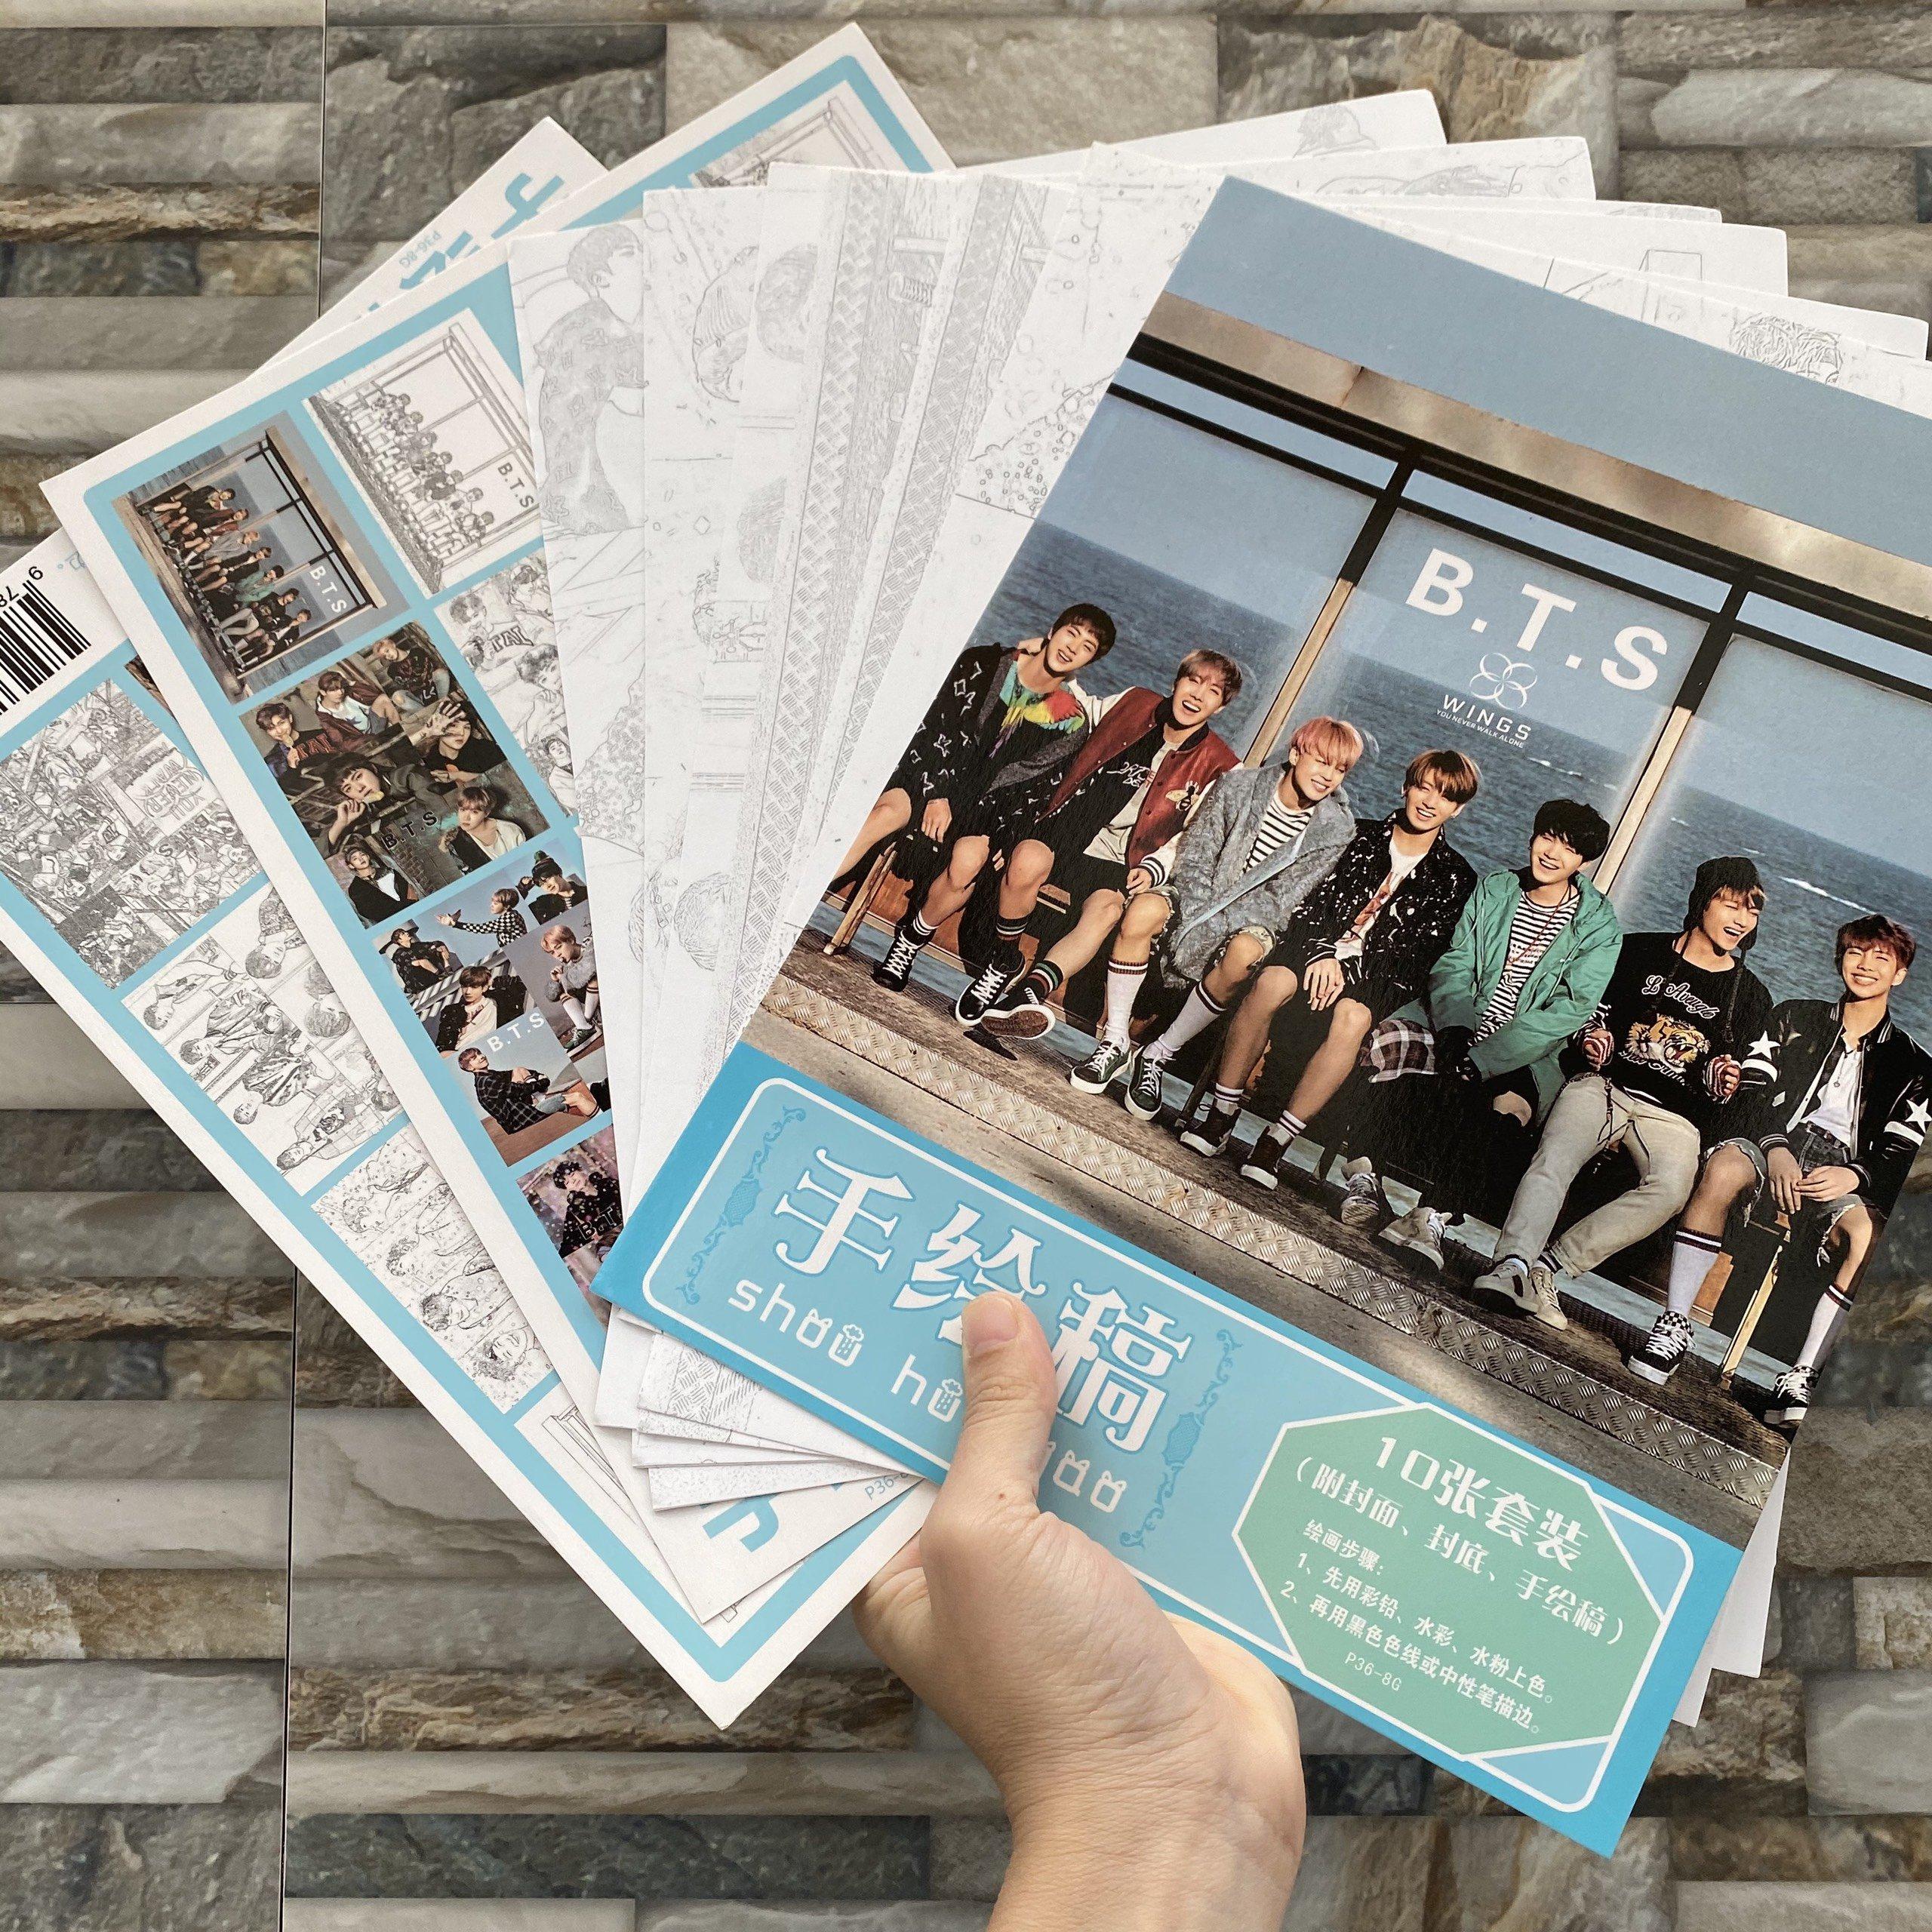 Tranh tô màu BTS tập bản thảo phác họa thần tượng idol kpop